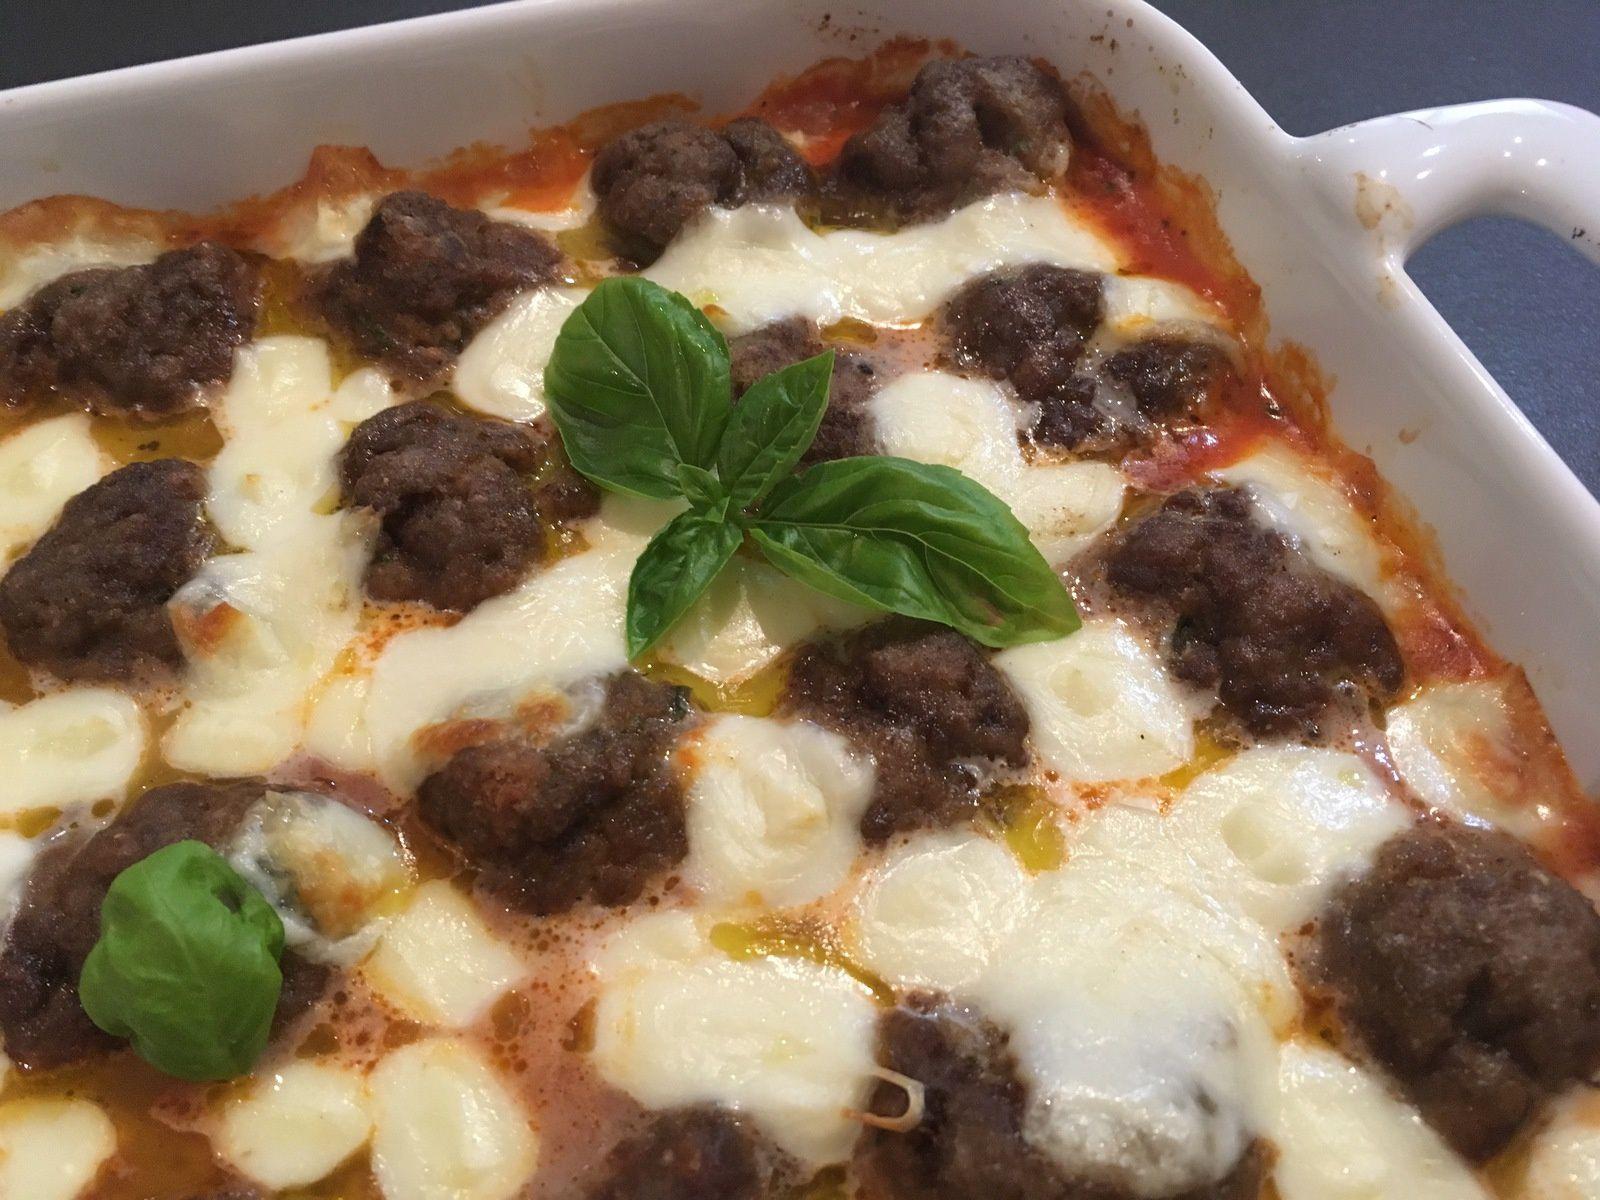 Gratin de boulettes de viande, sauce tomate et mozzarella